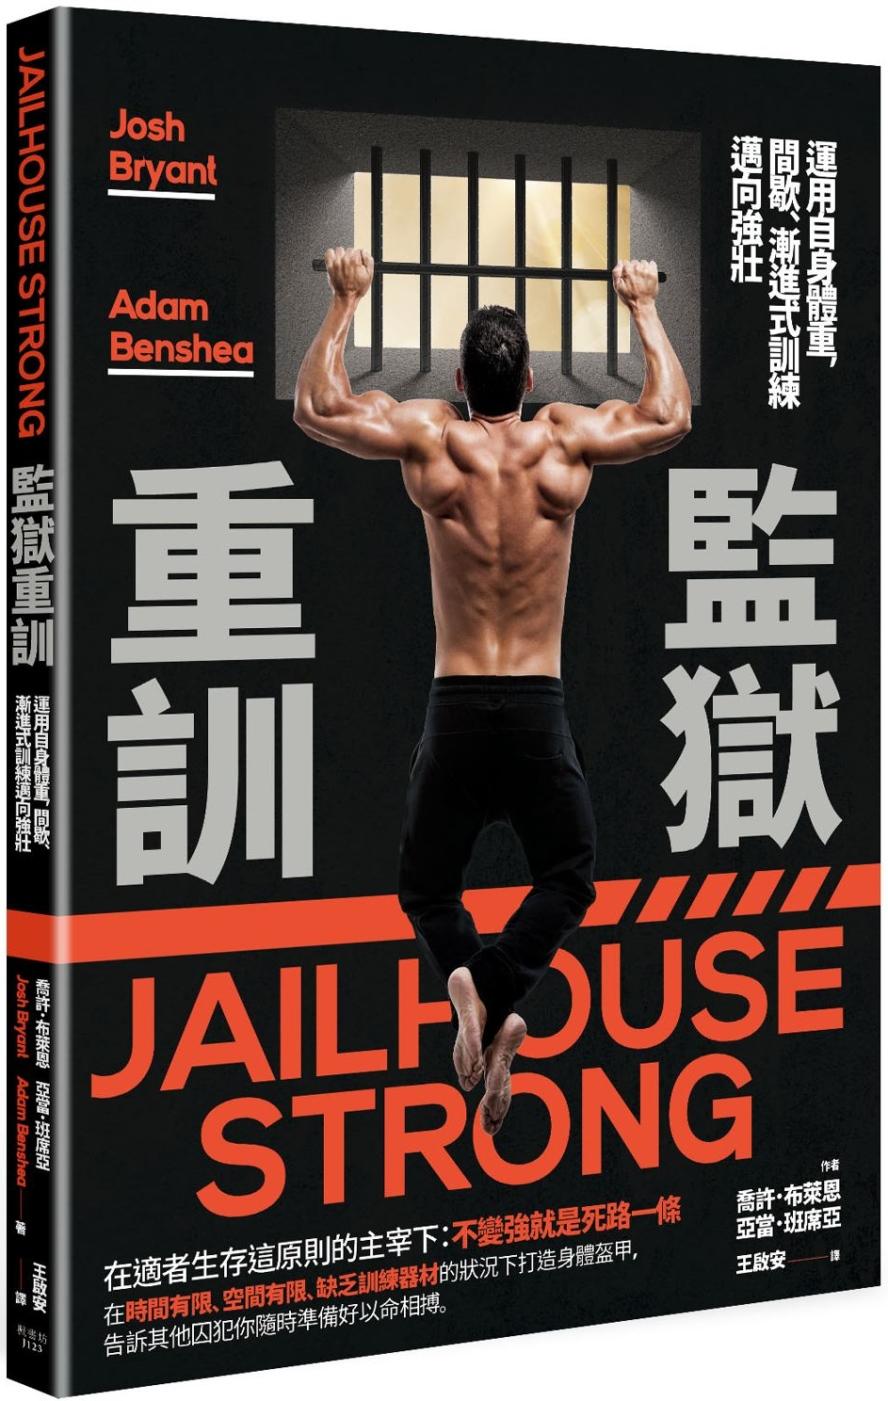 監獄重訓:運用自身體重,間歇、漸進式訓練邁向強壯!